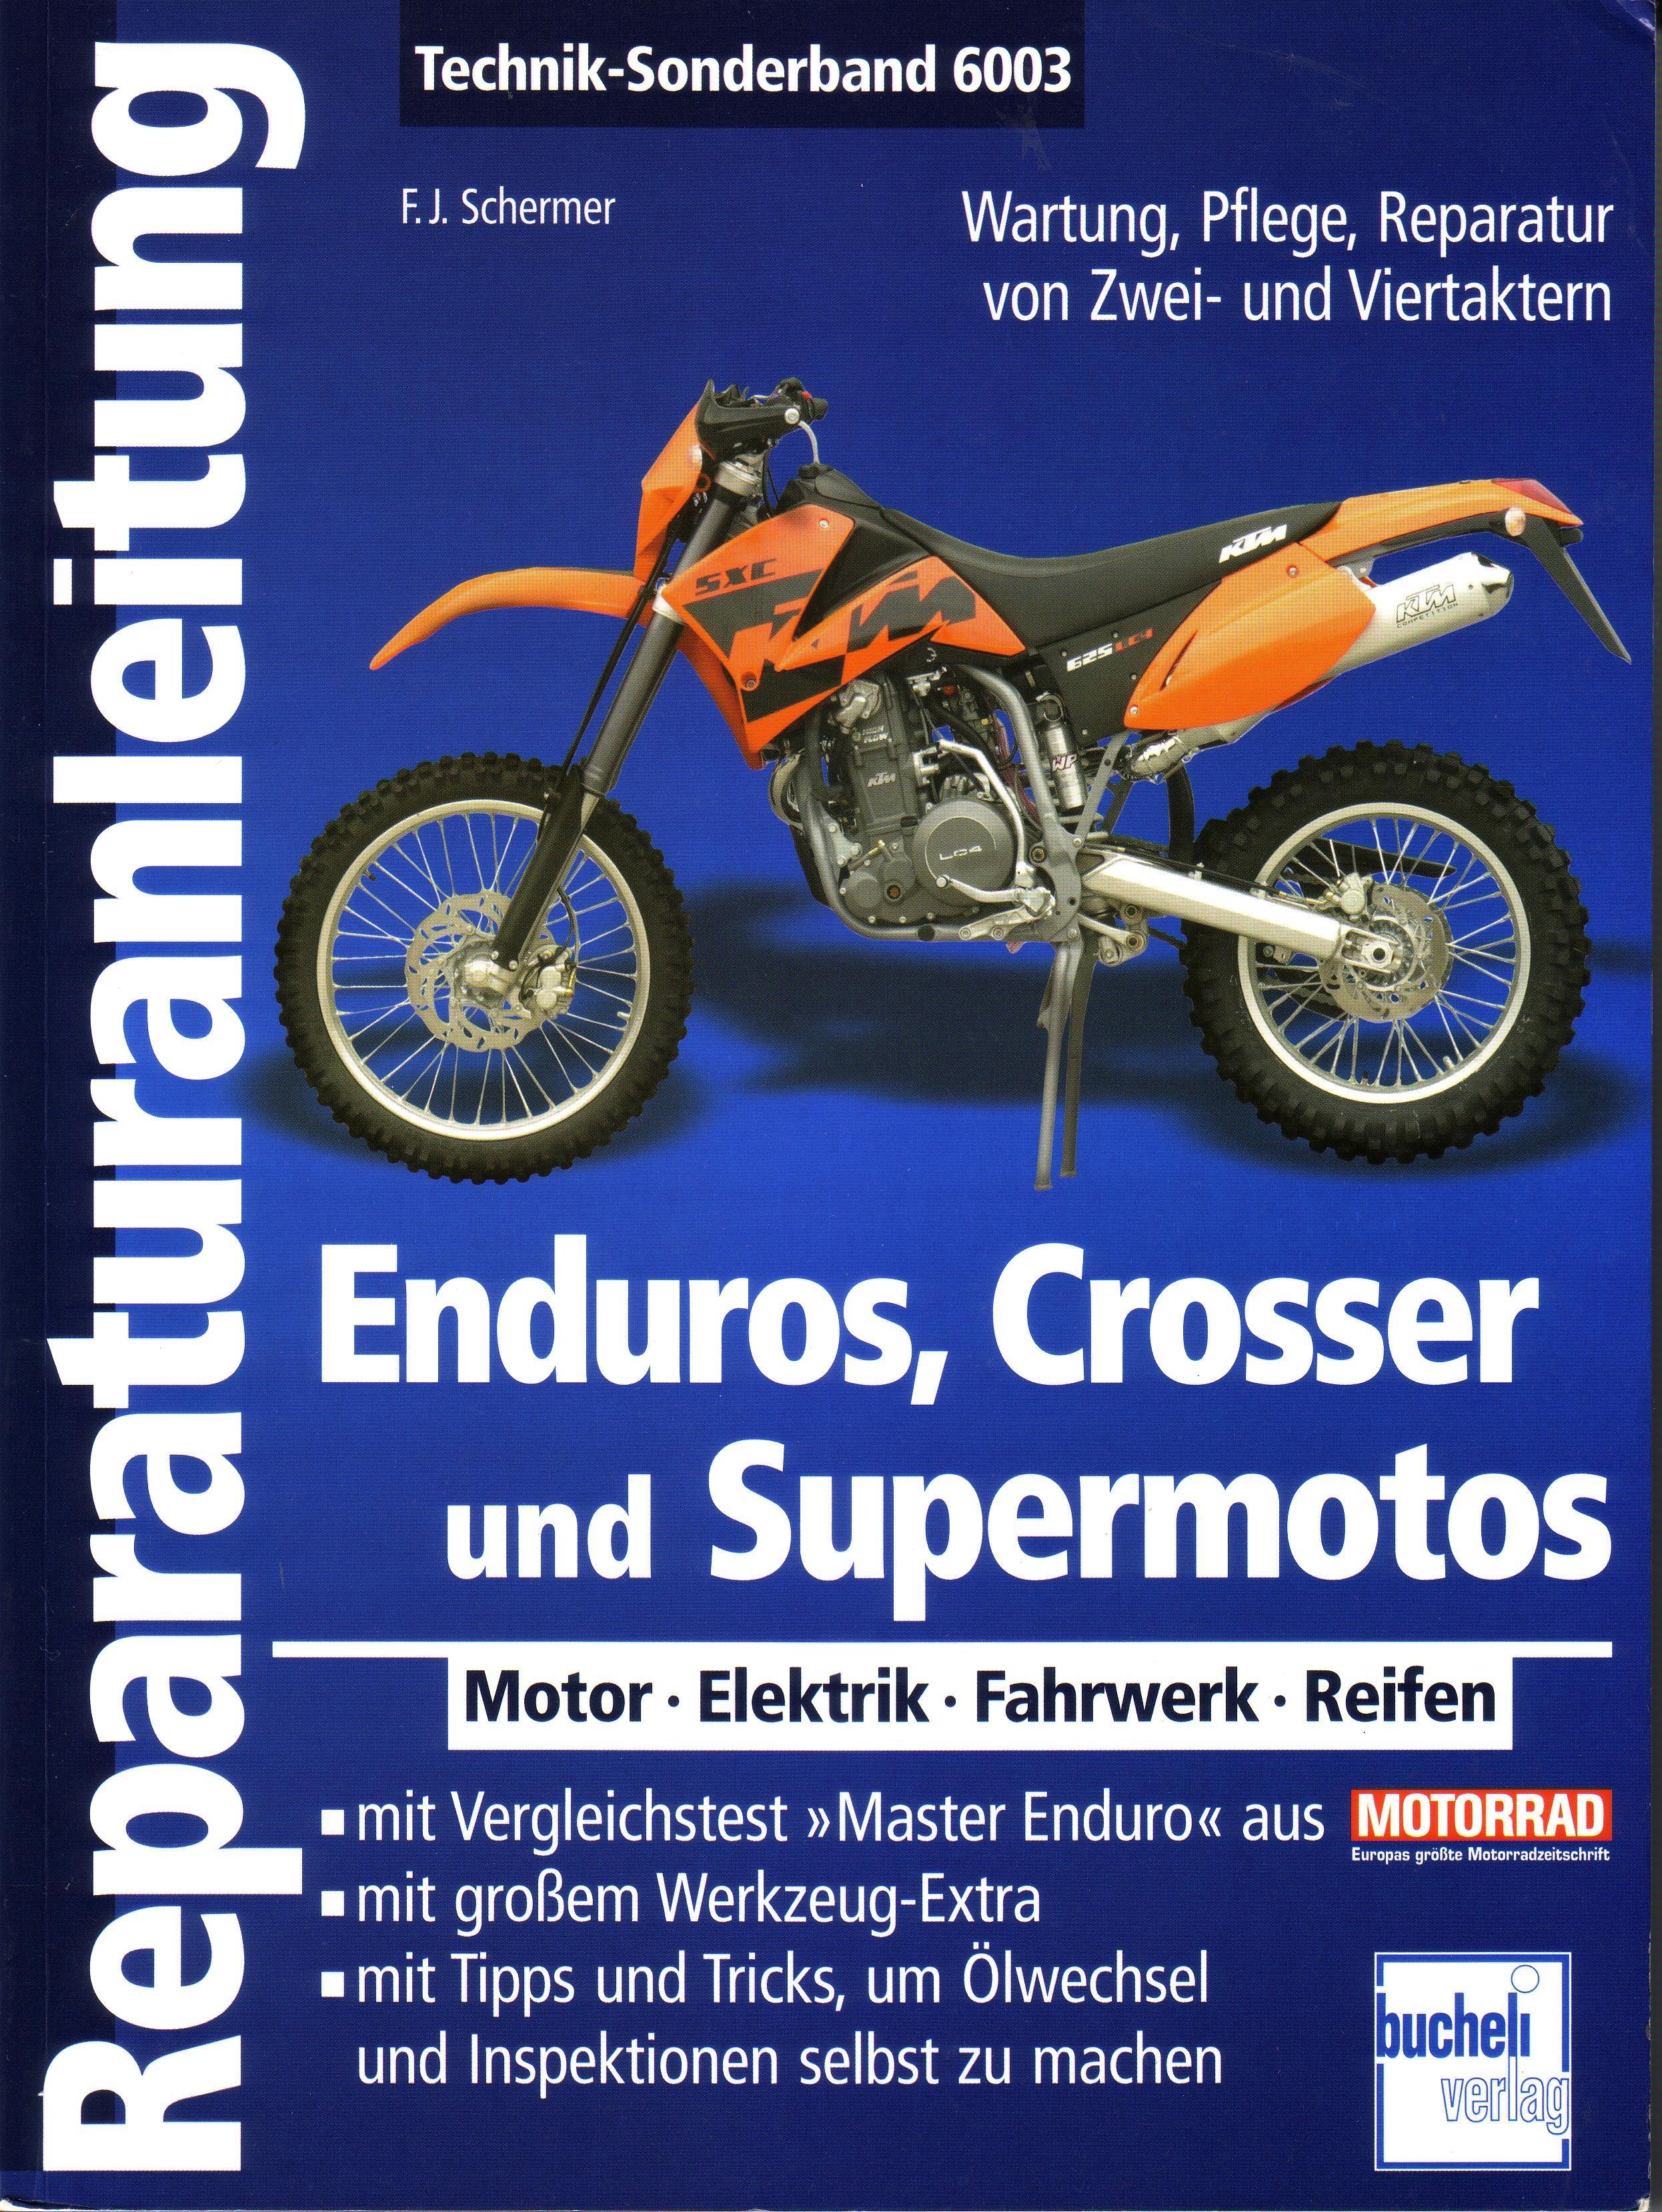 ENDUROS, CROSSER UND SUPERMOTOS: Motor, Elektrik, Fahrwerk ...